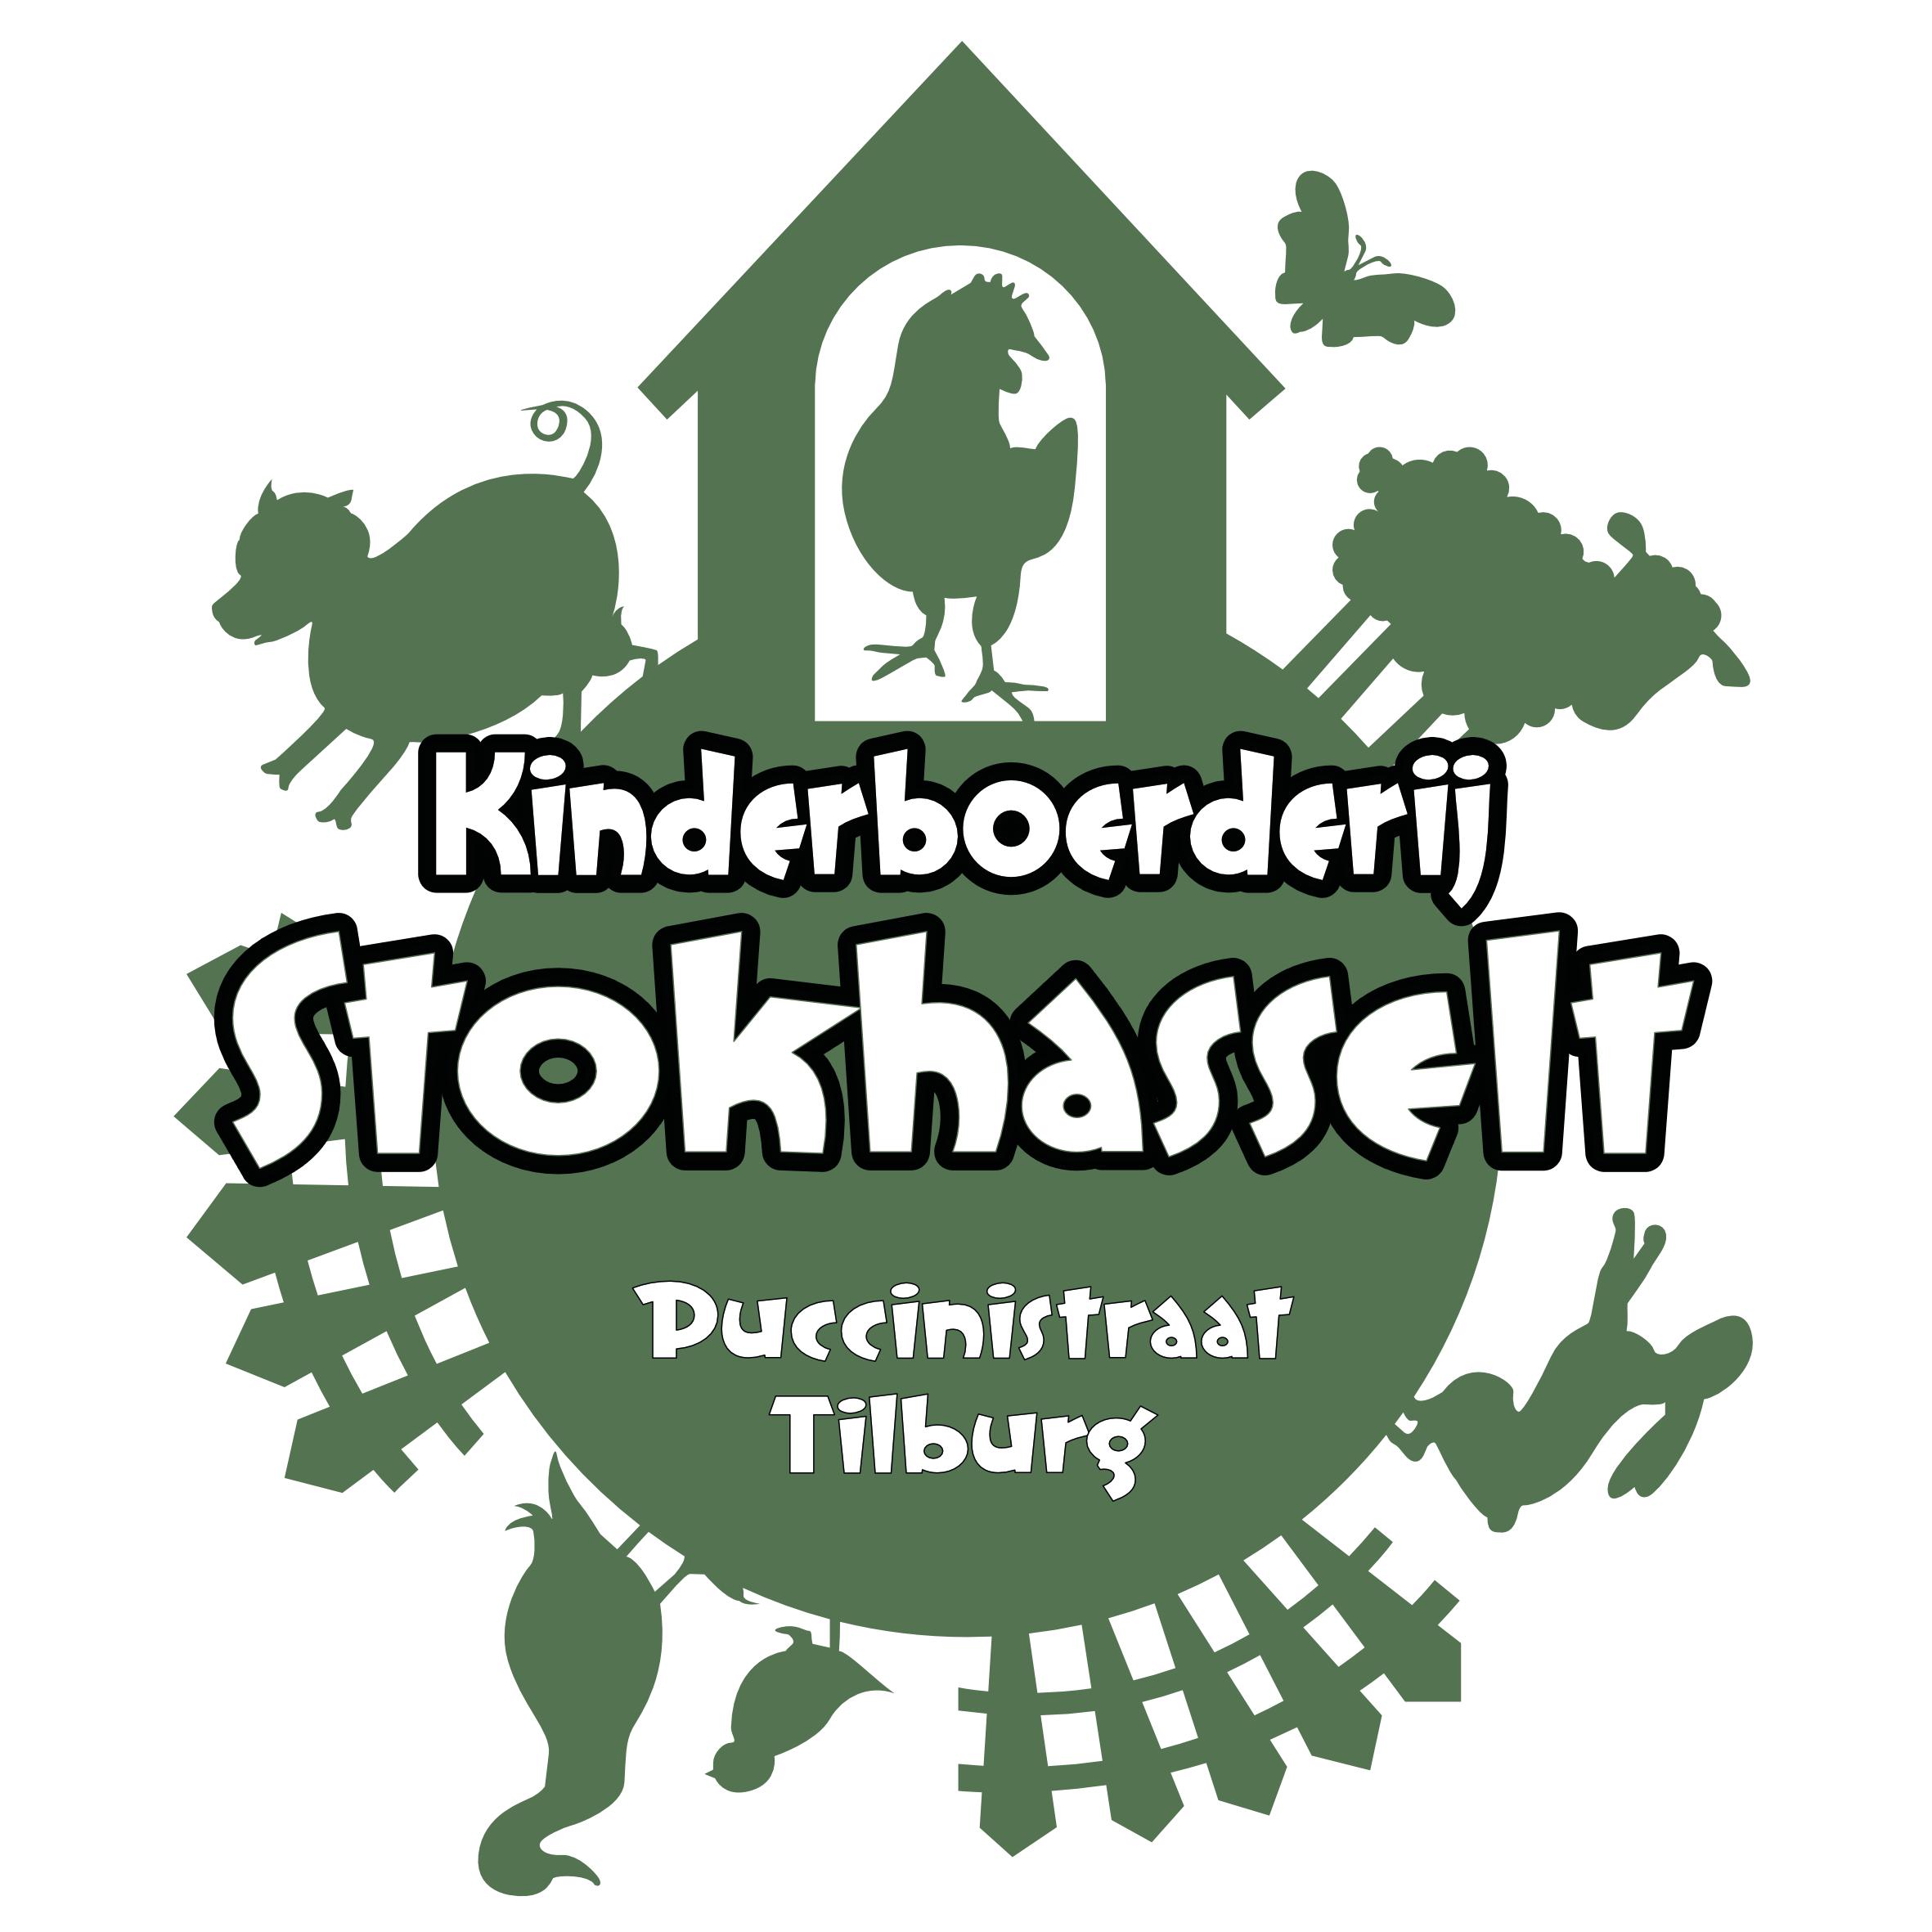 Kinderboerderij Stokhasselt